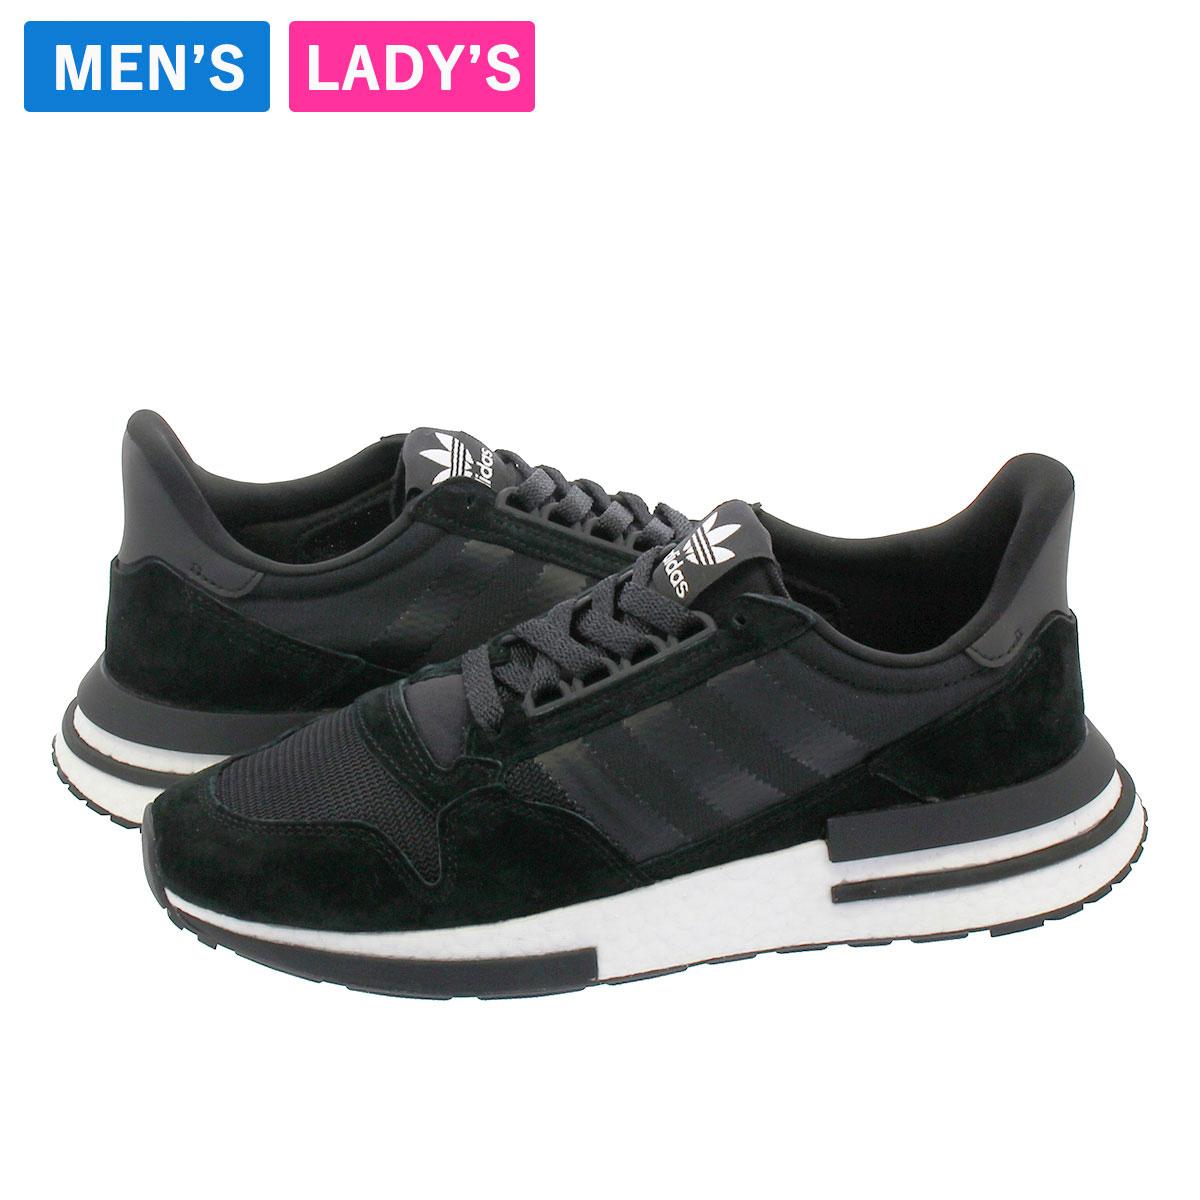 メンズ靴, スニーカー adidas ZX 500 RM adidas Originals ZX 500 RM CORE BLACKRUNNING WHITE b42227